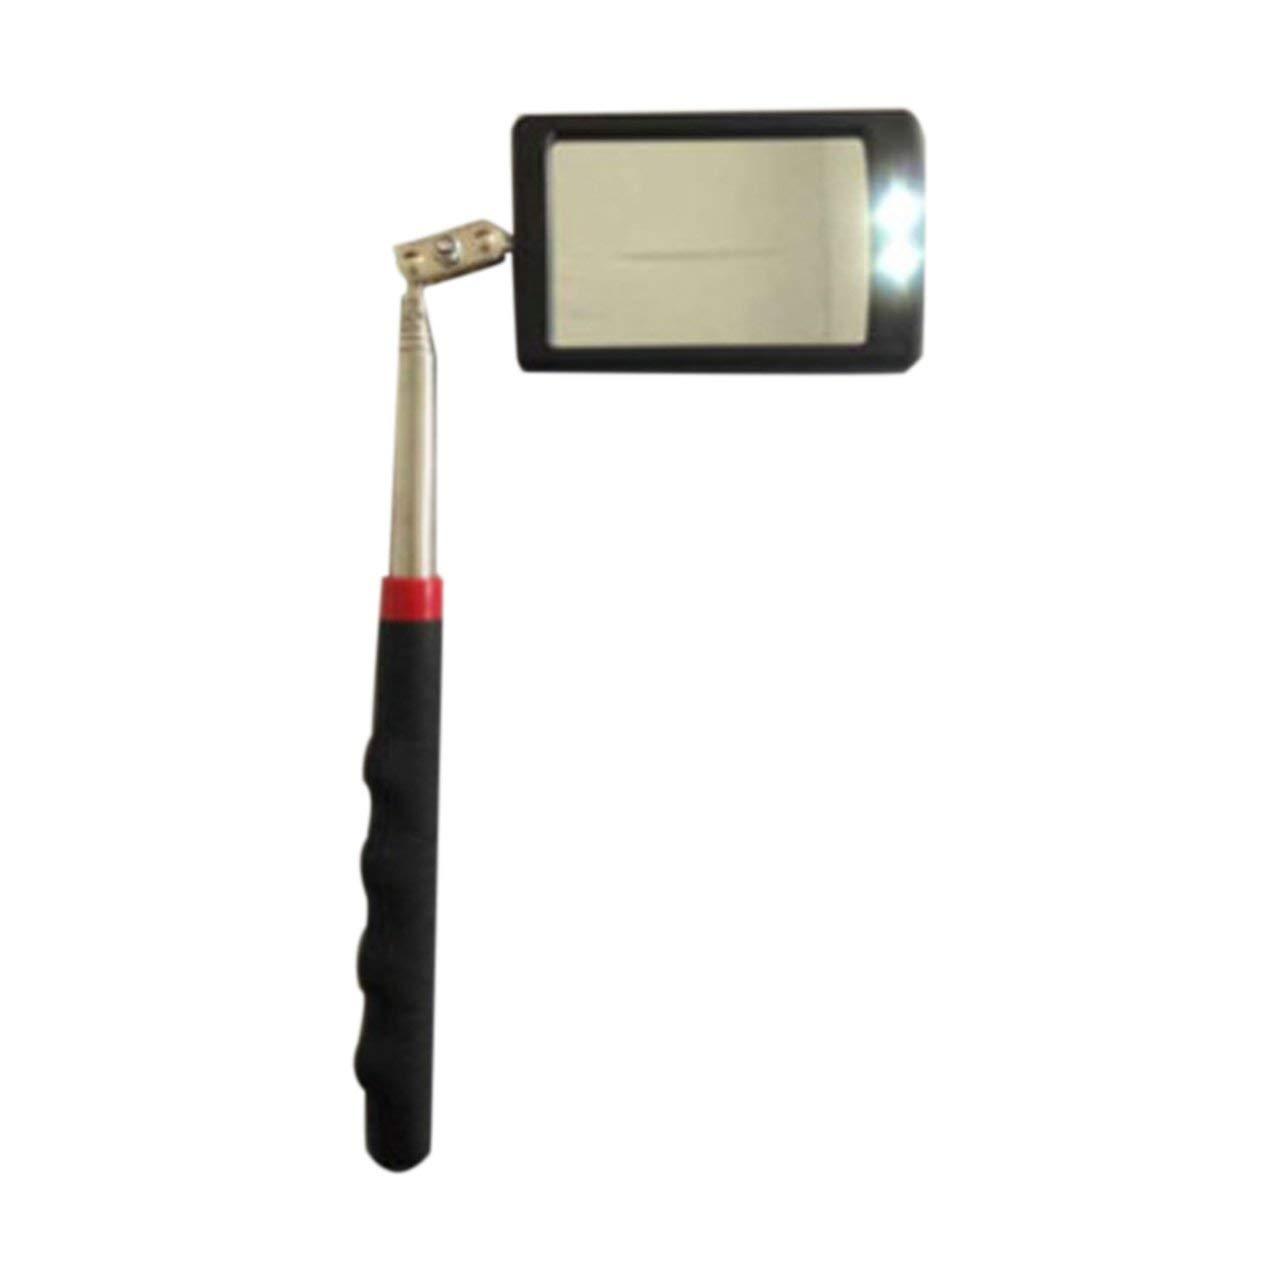 Espejo de inspecci/ón telesc/ópico con LED 360 Giratorio para visualizaci/ón Adicional Accesorios /útiles para veh/ículos telesc/ópicos Negro Jasnyfall